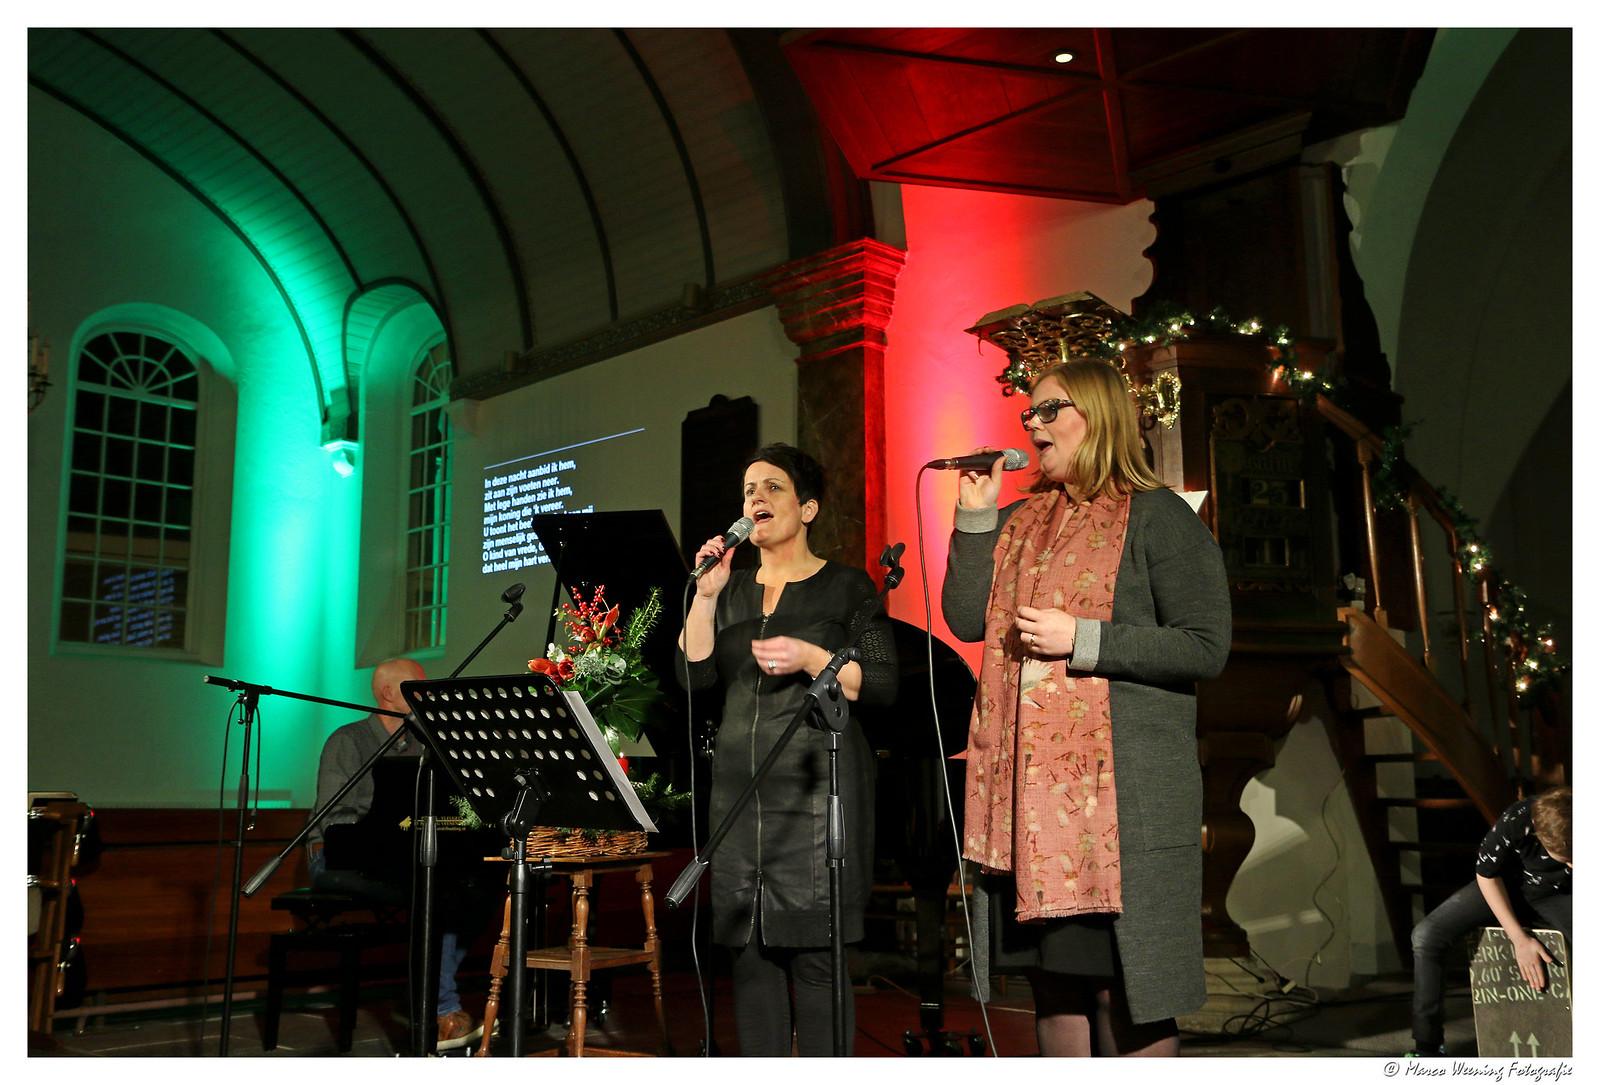 Kerstavonddienst in de Oude Kerk